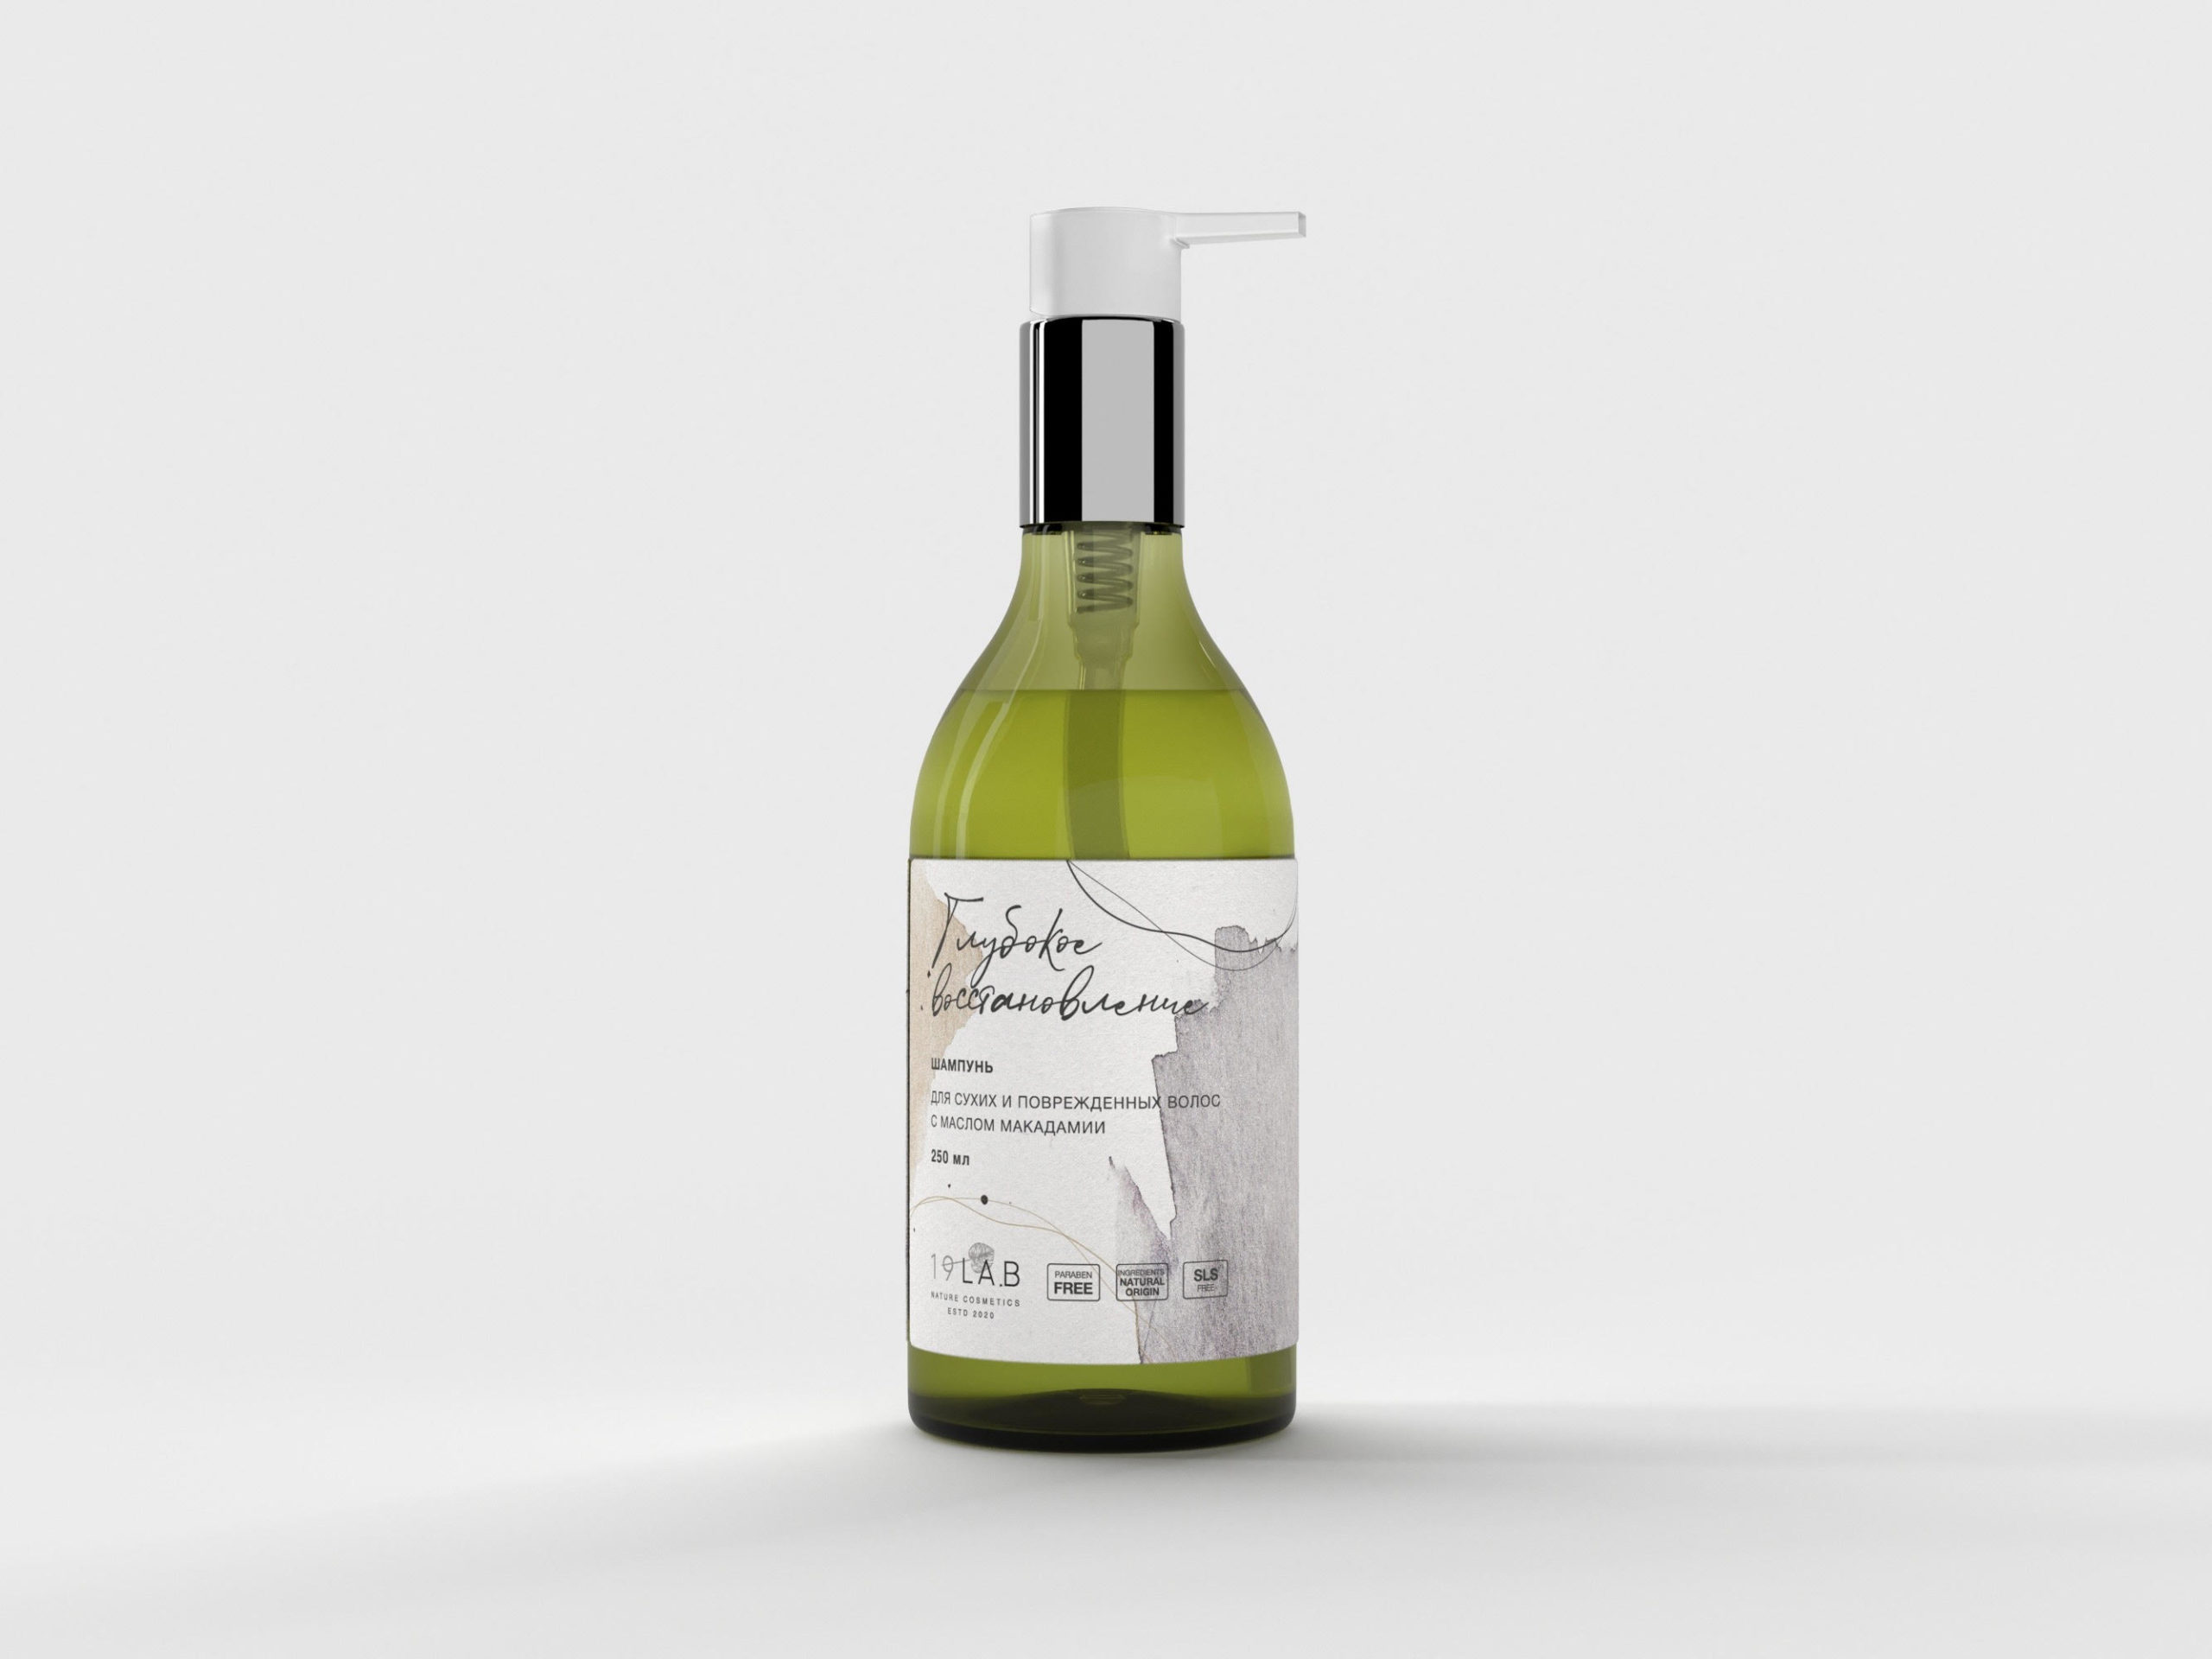 Шампунь для сухих и поврежденных волос с маслом макадамии 19LAB